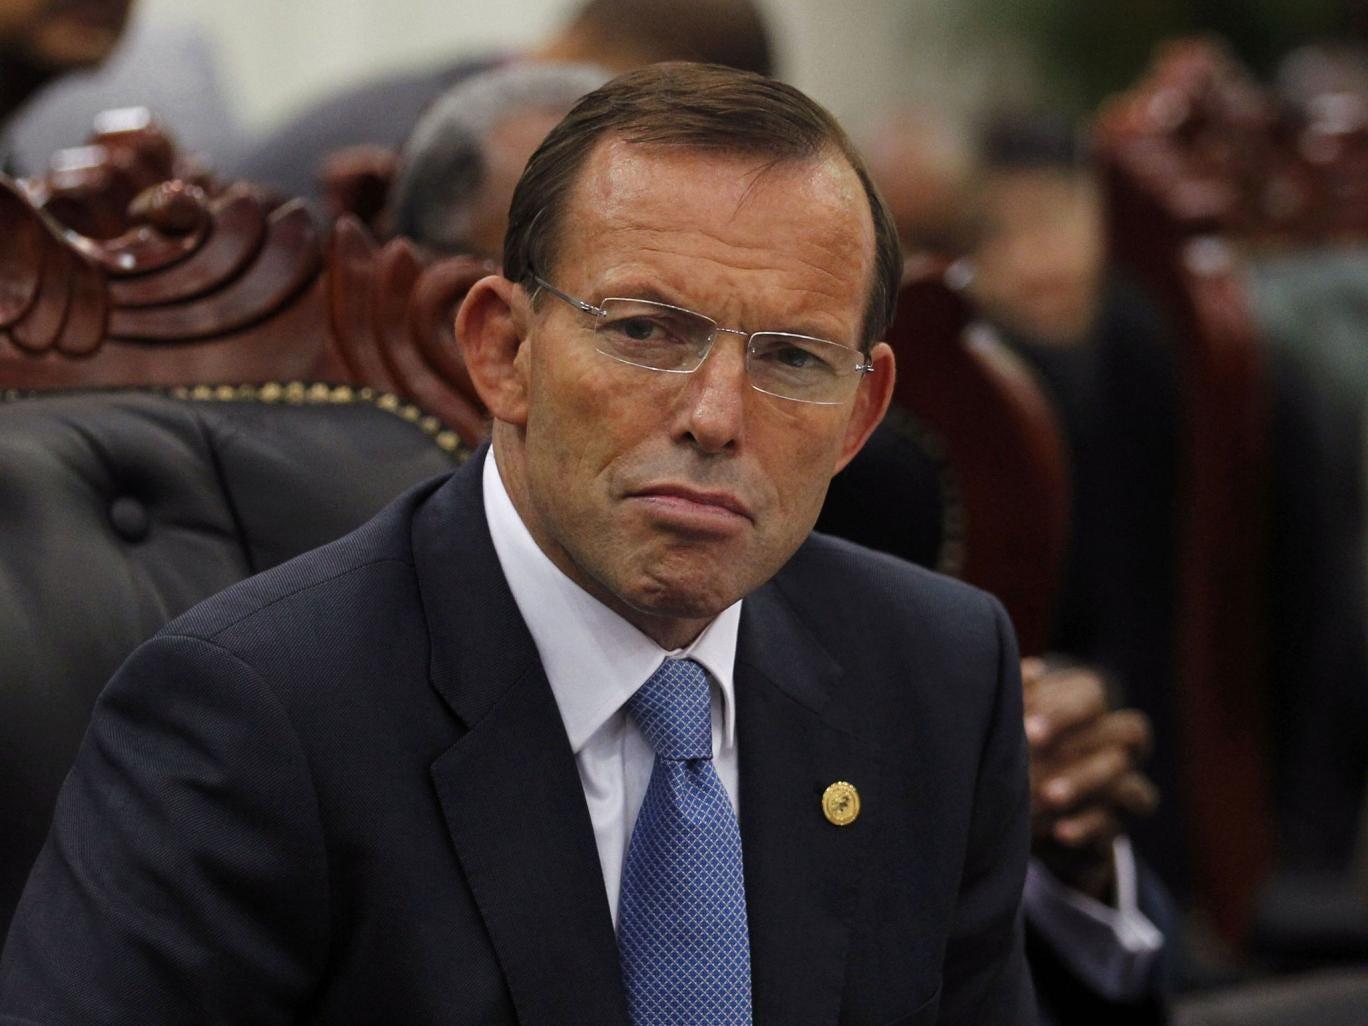 The Australian Prime Minister Tony Abbott's praise for Sri Lanka has also horrified many